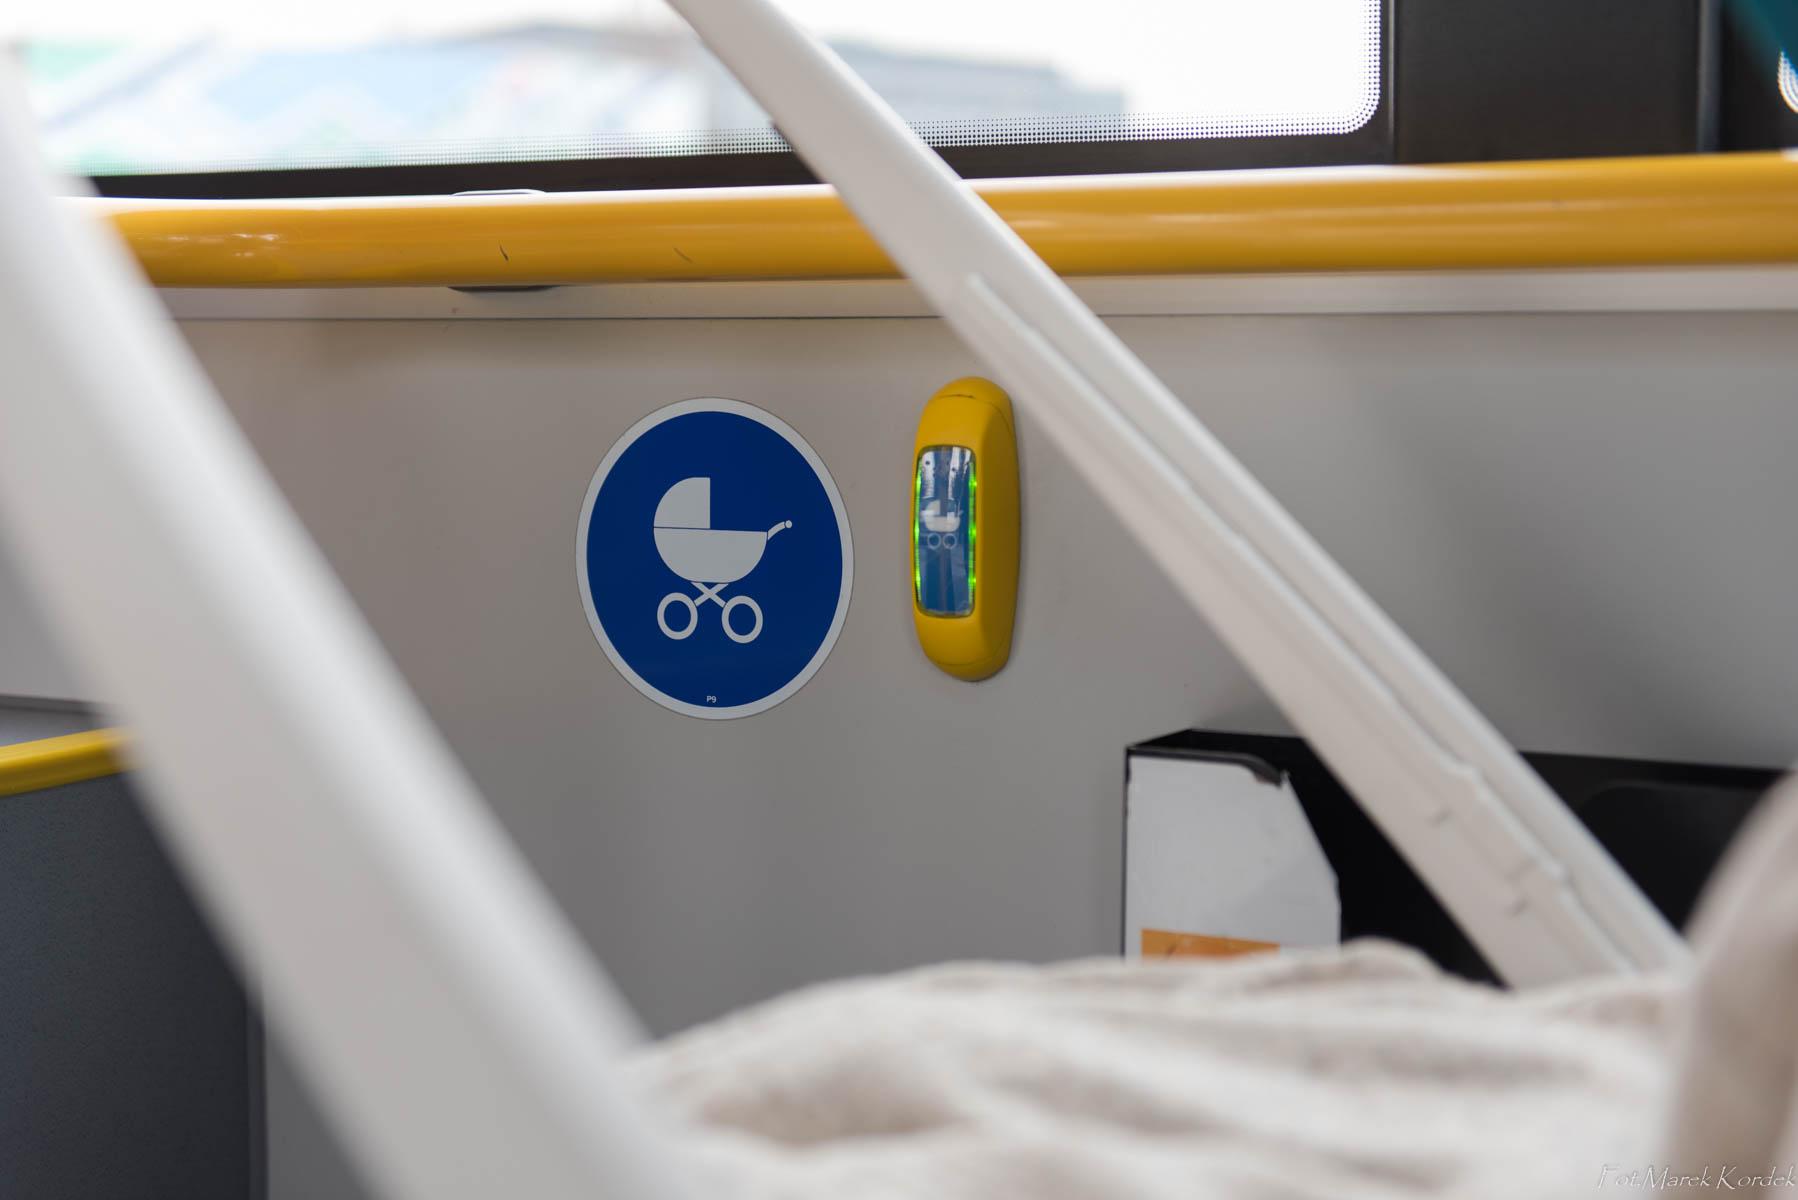 Jak bezpiecznie przewozić dziecko w komunikacji miejskiej miejsce do przewożenia wózków